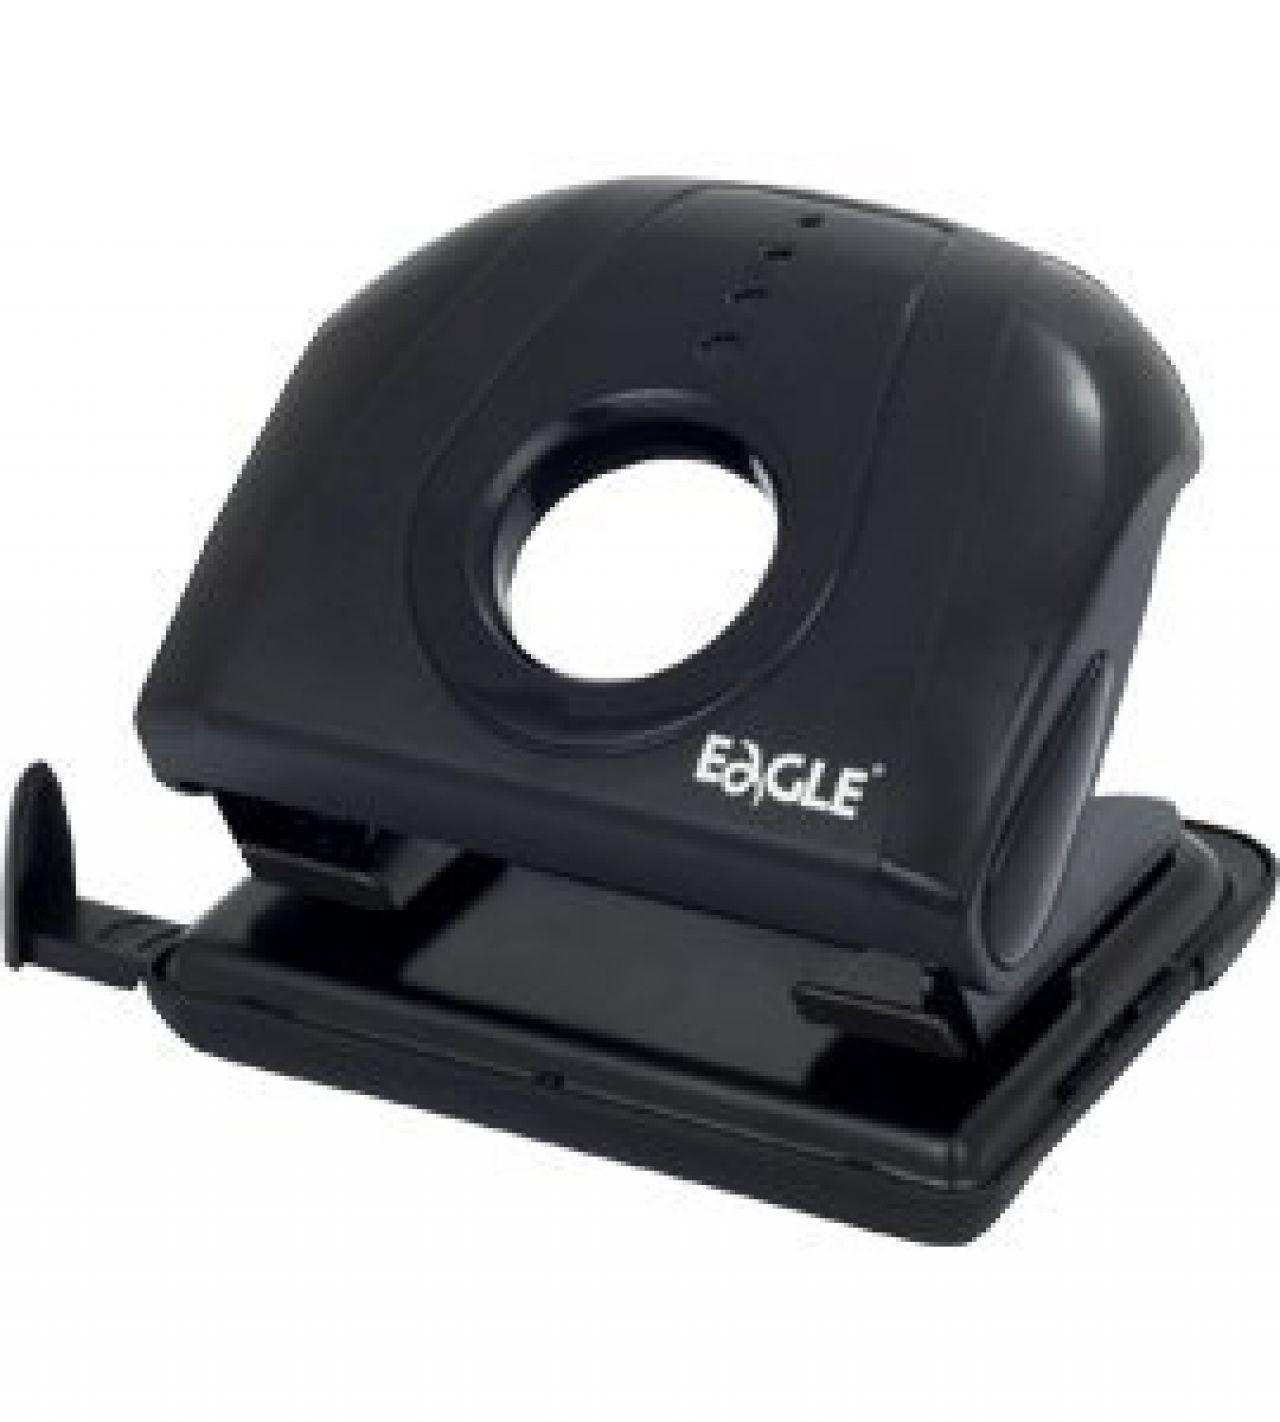 Dziurkacz EAGLE DYNAMIC P5180M czarny